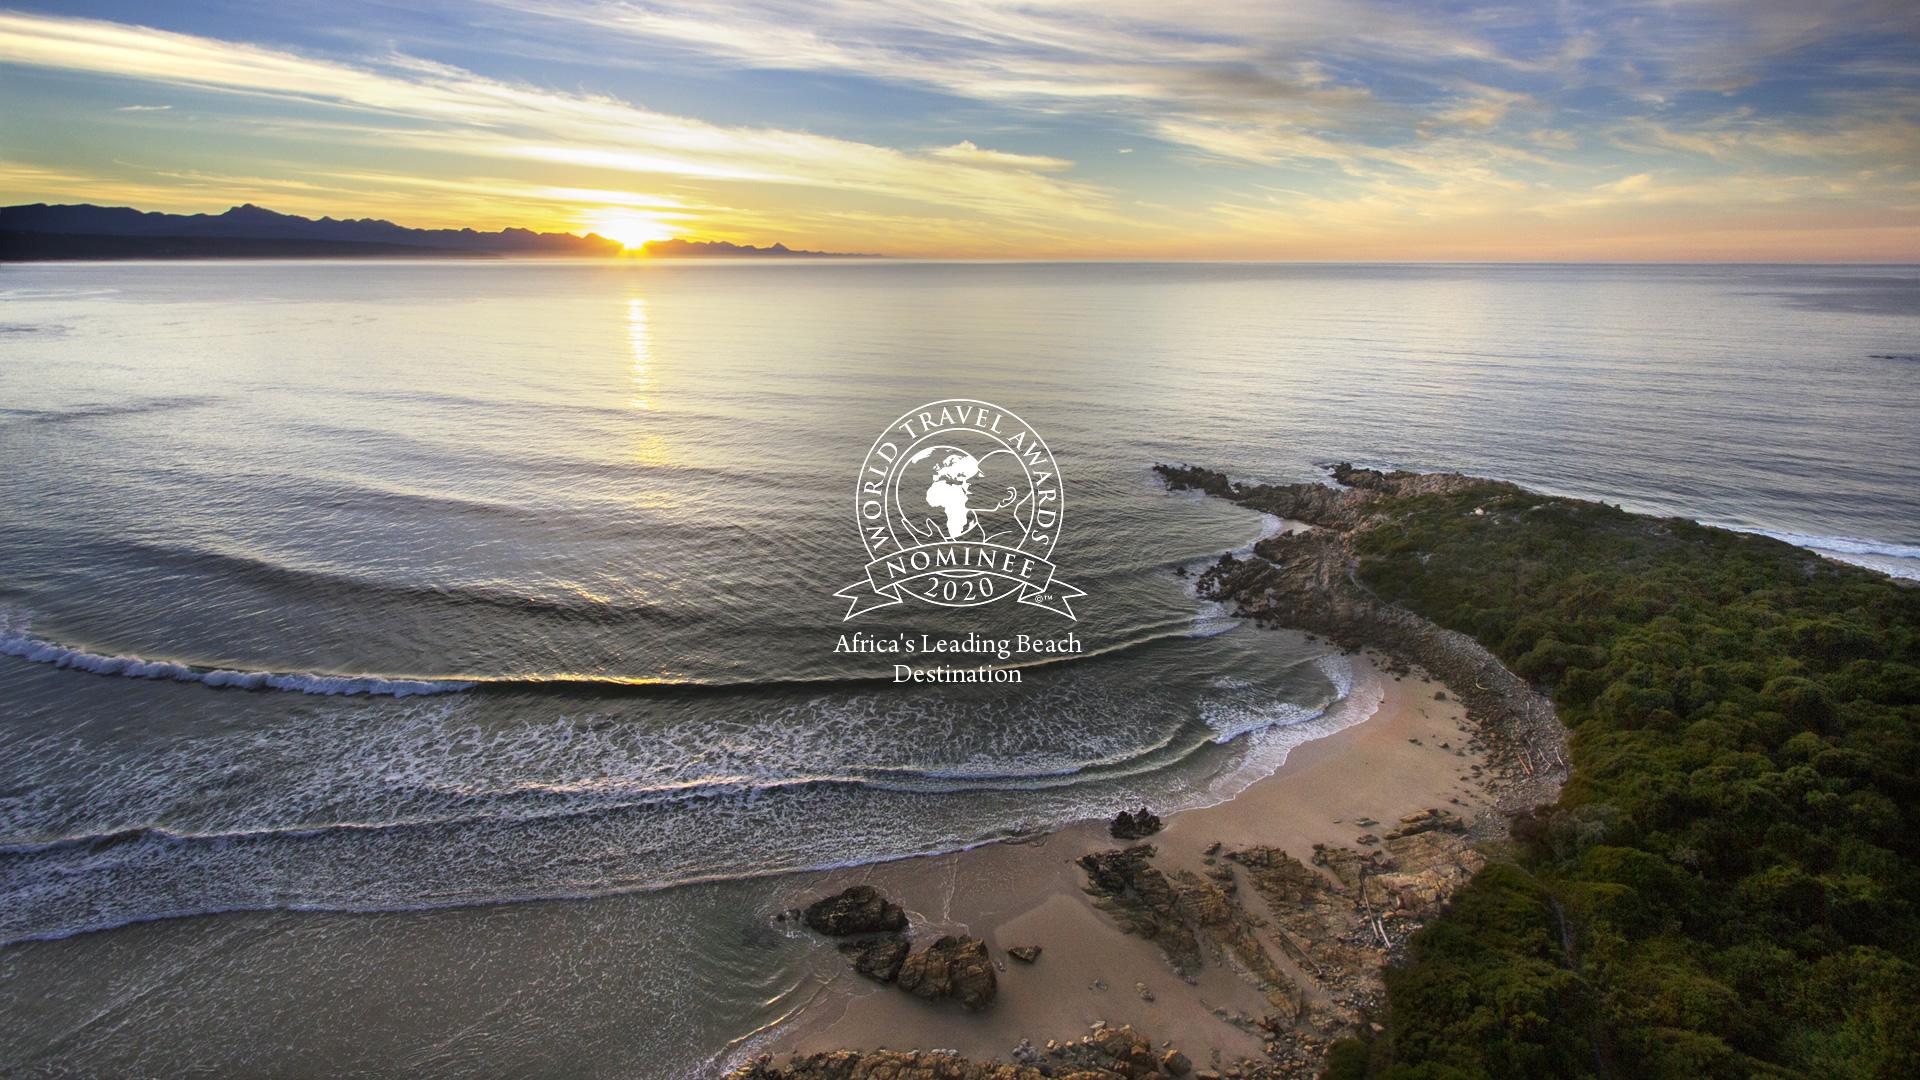 Video: Vote for Plett to WIN Top Beach Destination